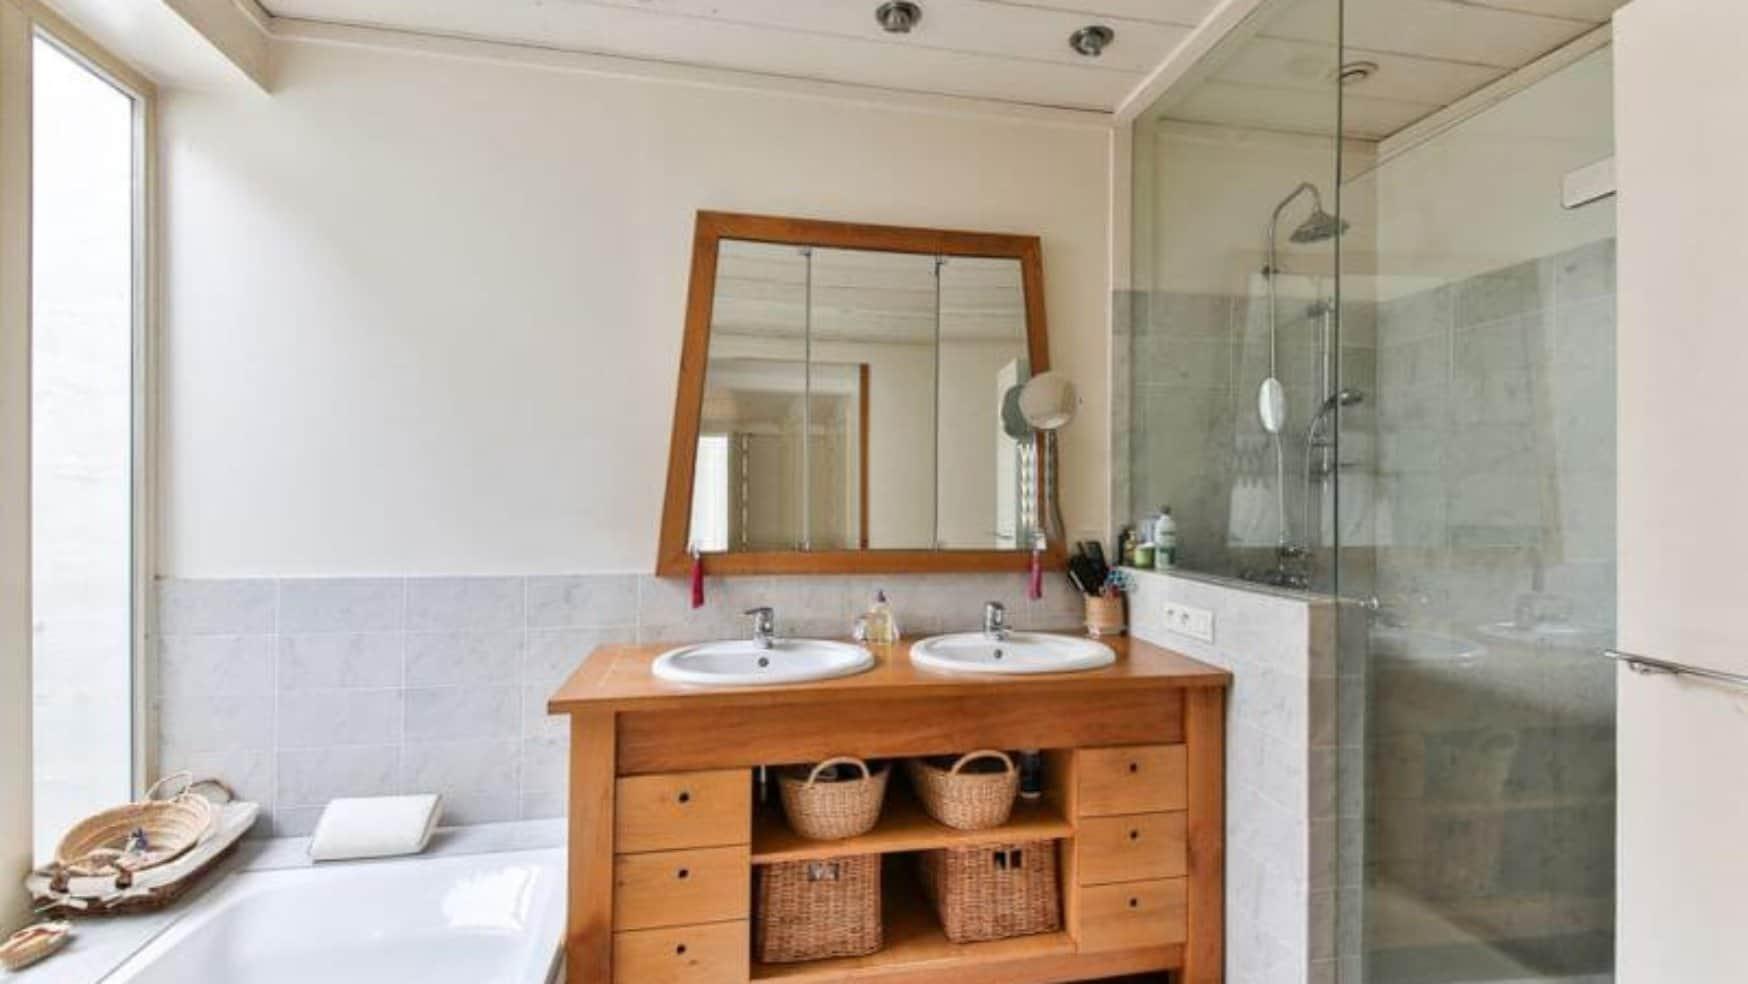 I z obyčejné koupelny může být soukromé wellness